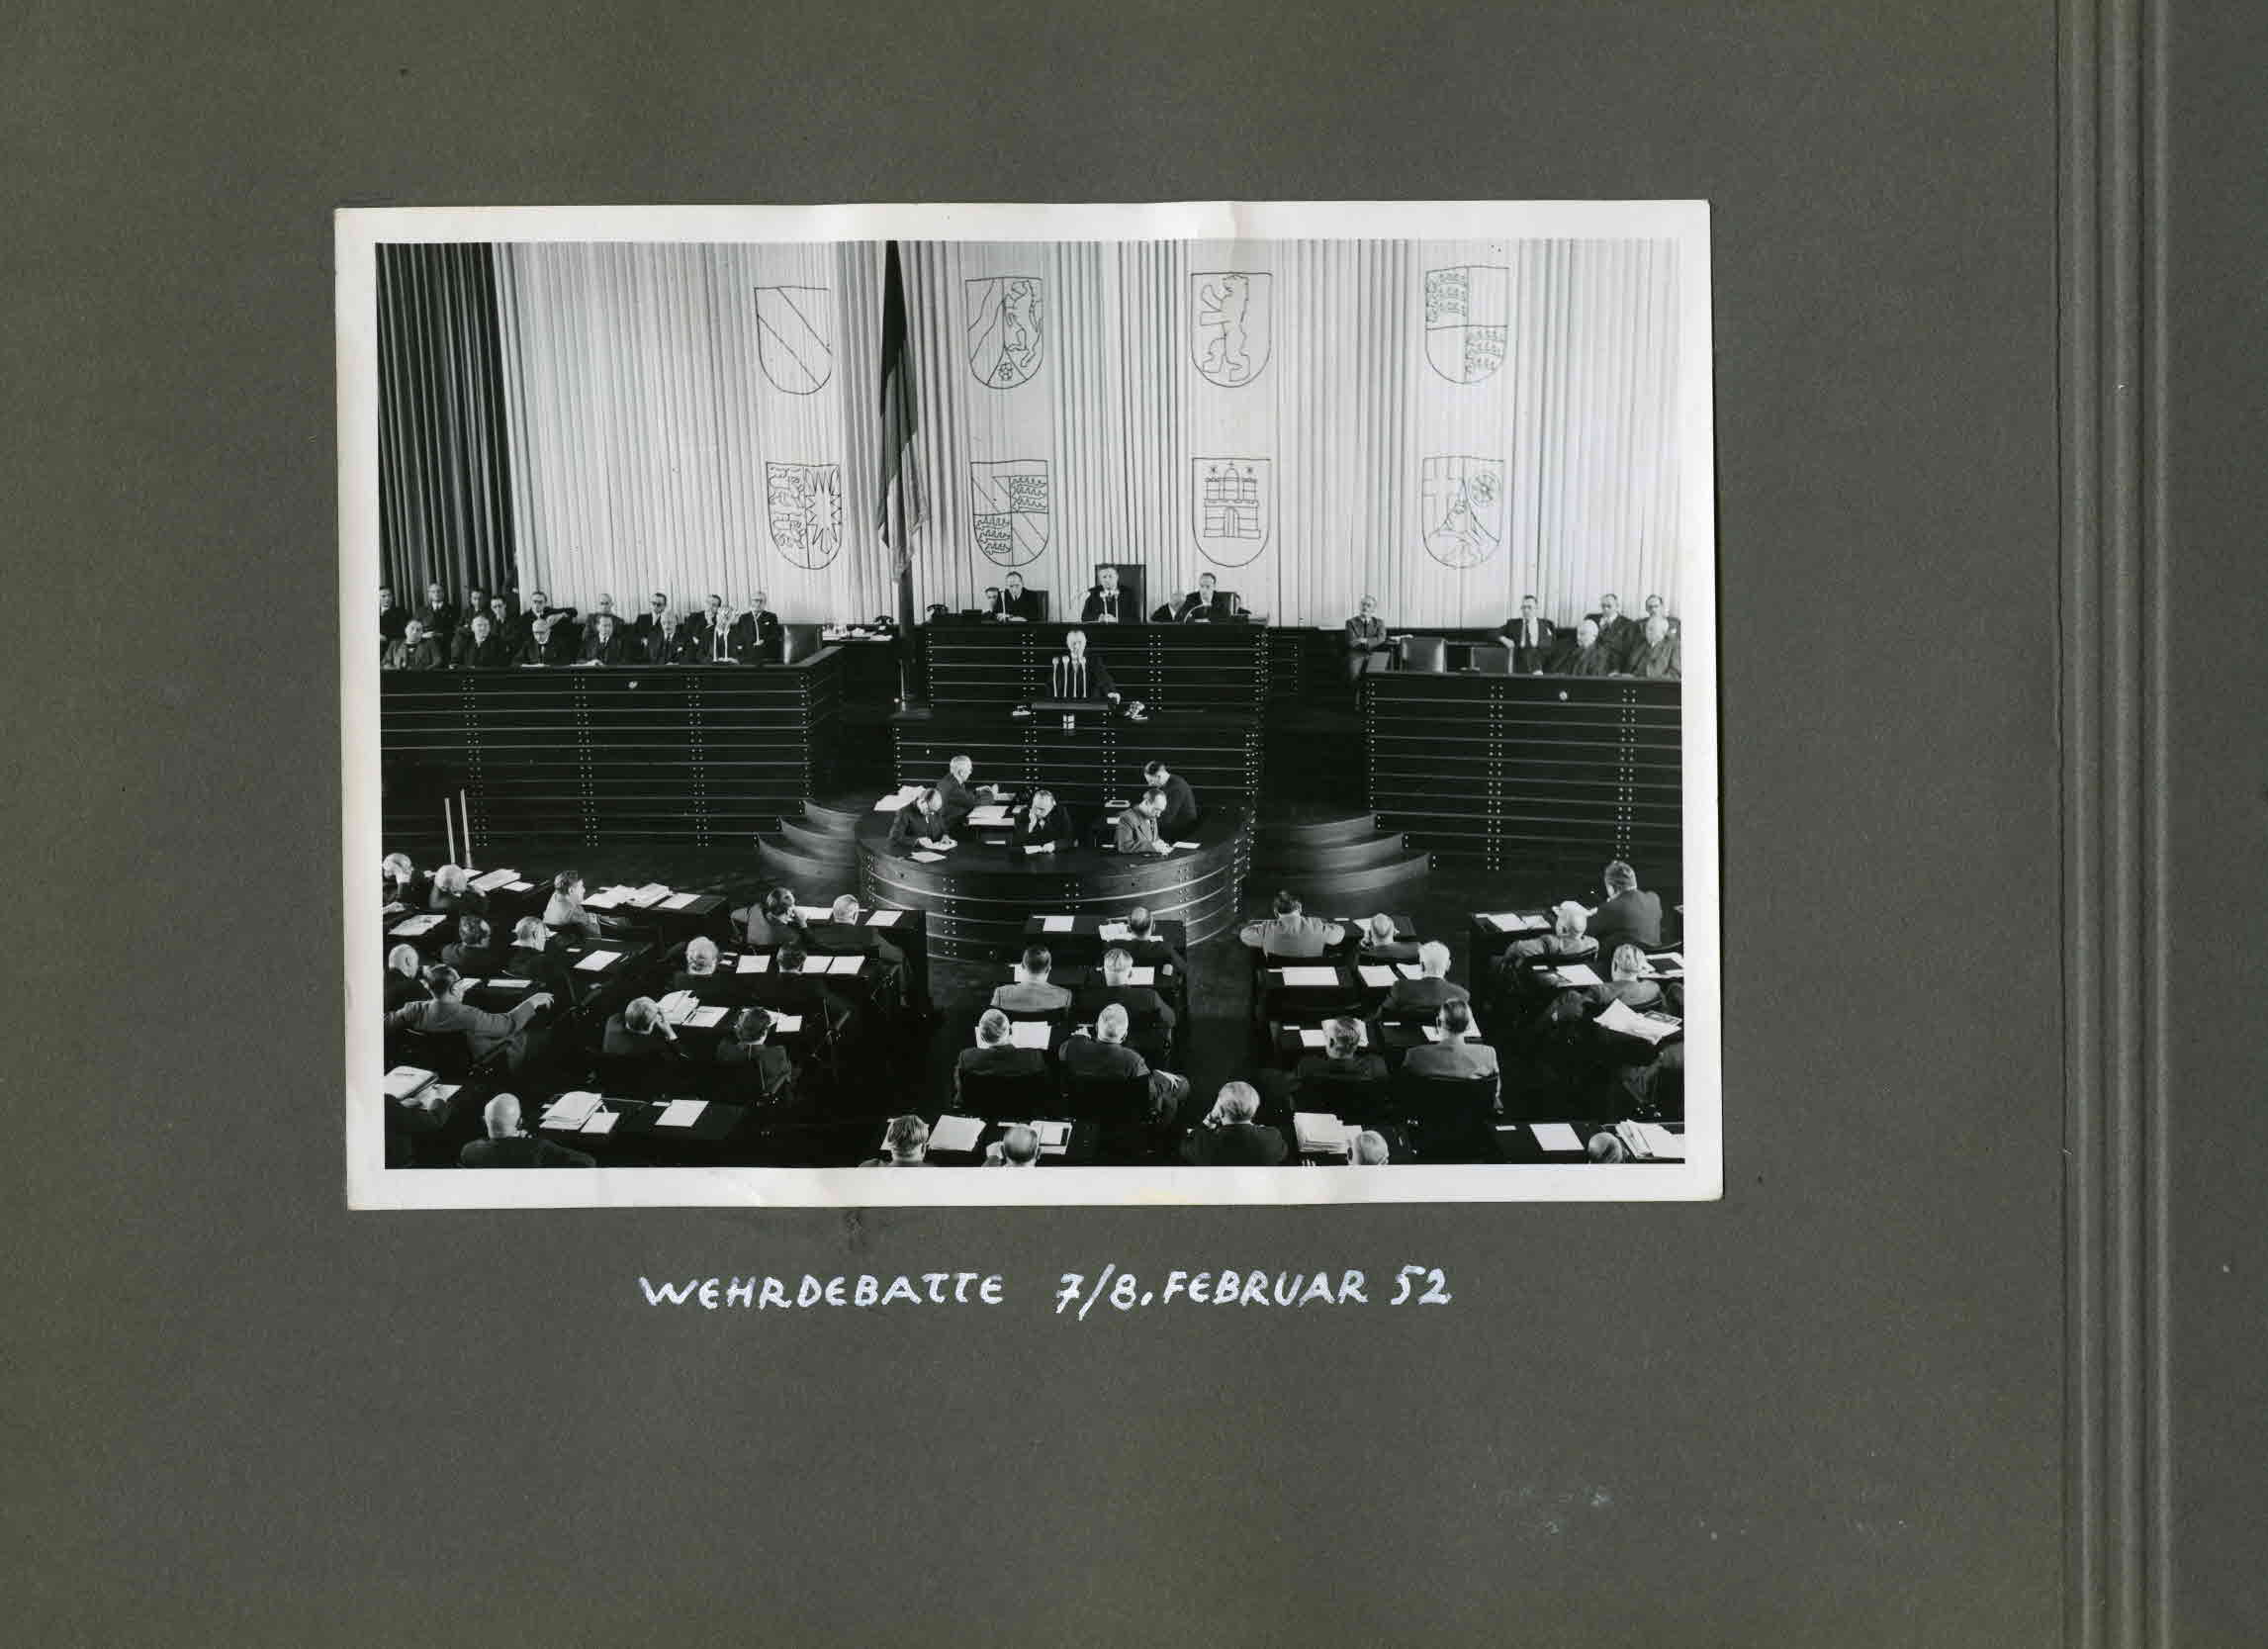 """Fotoalbum """"Bilderbuch vom ersten Deutschen Bundestag 1949/53"""" - Wehrdebatte im Februar 1952"""